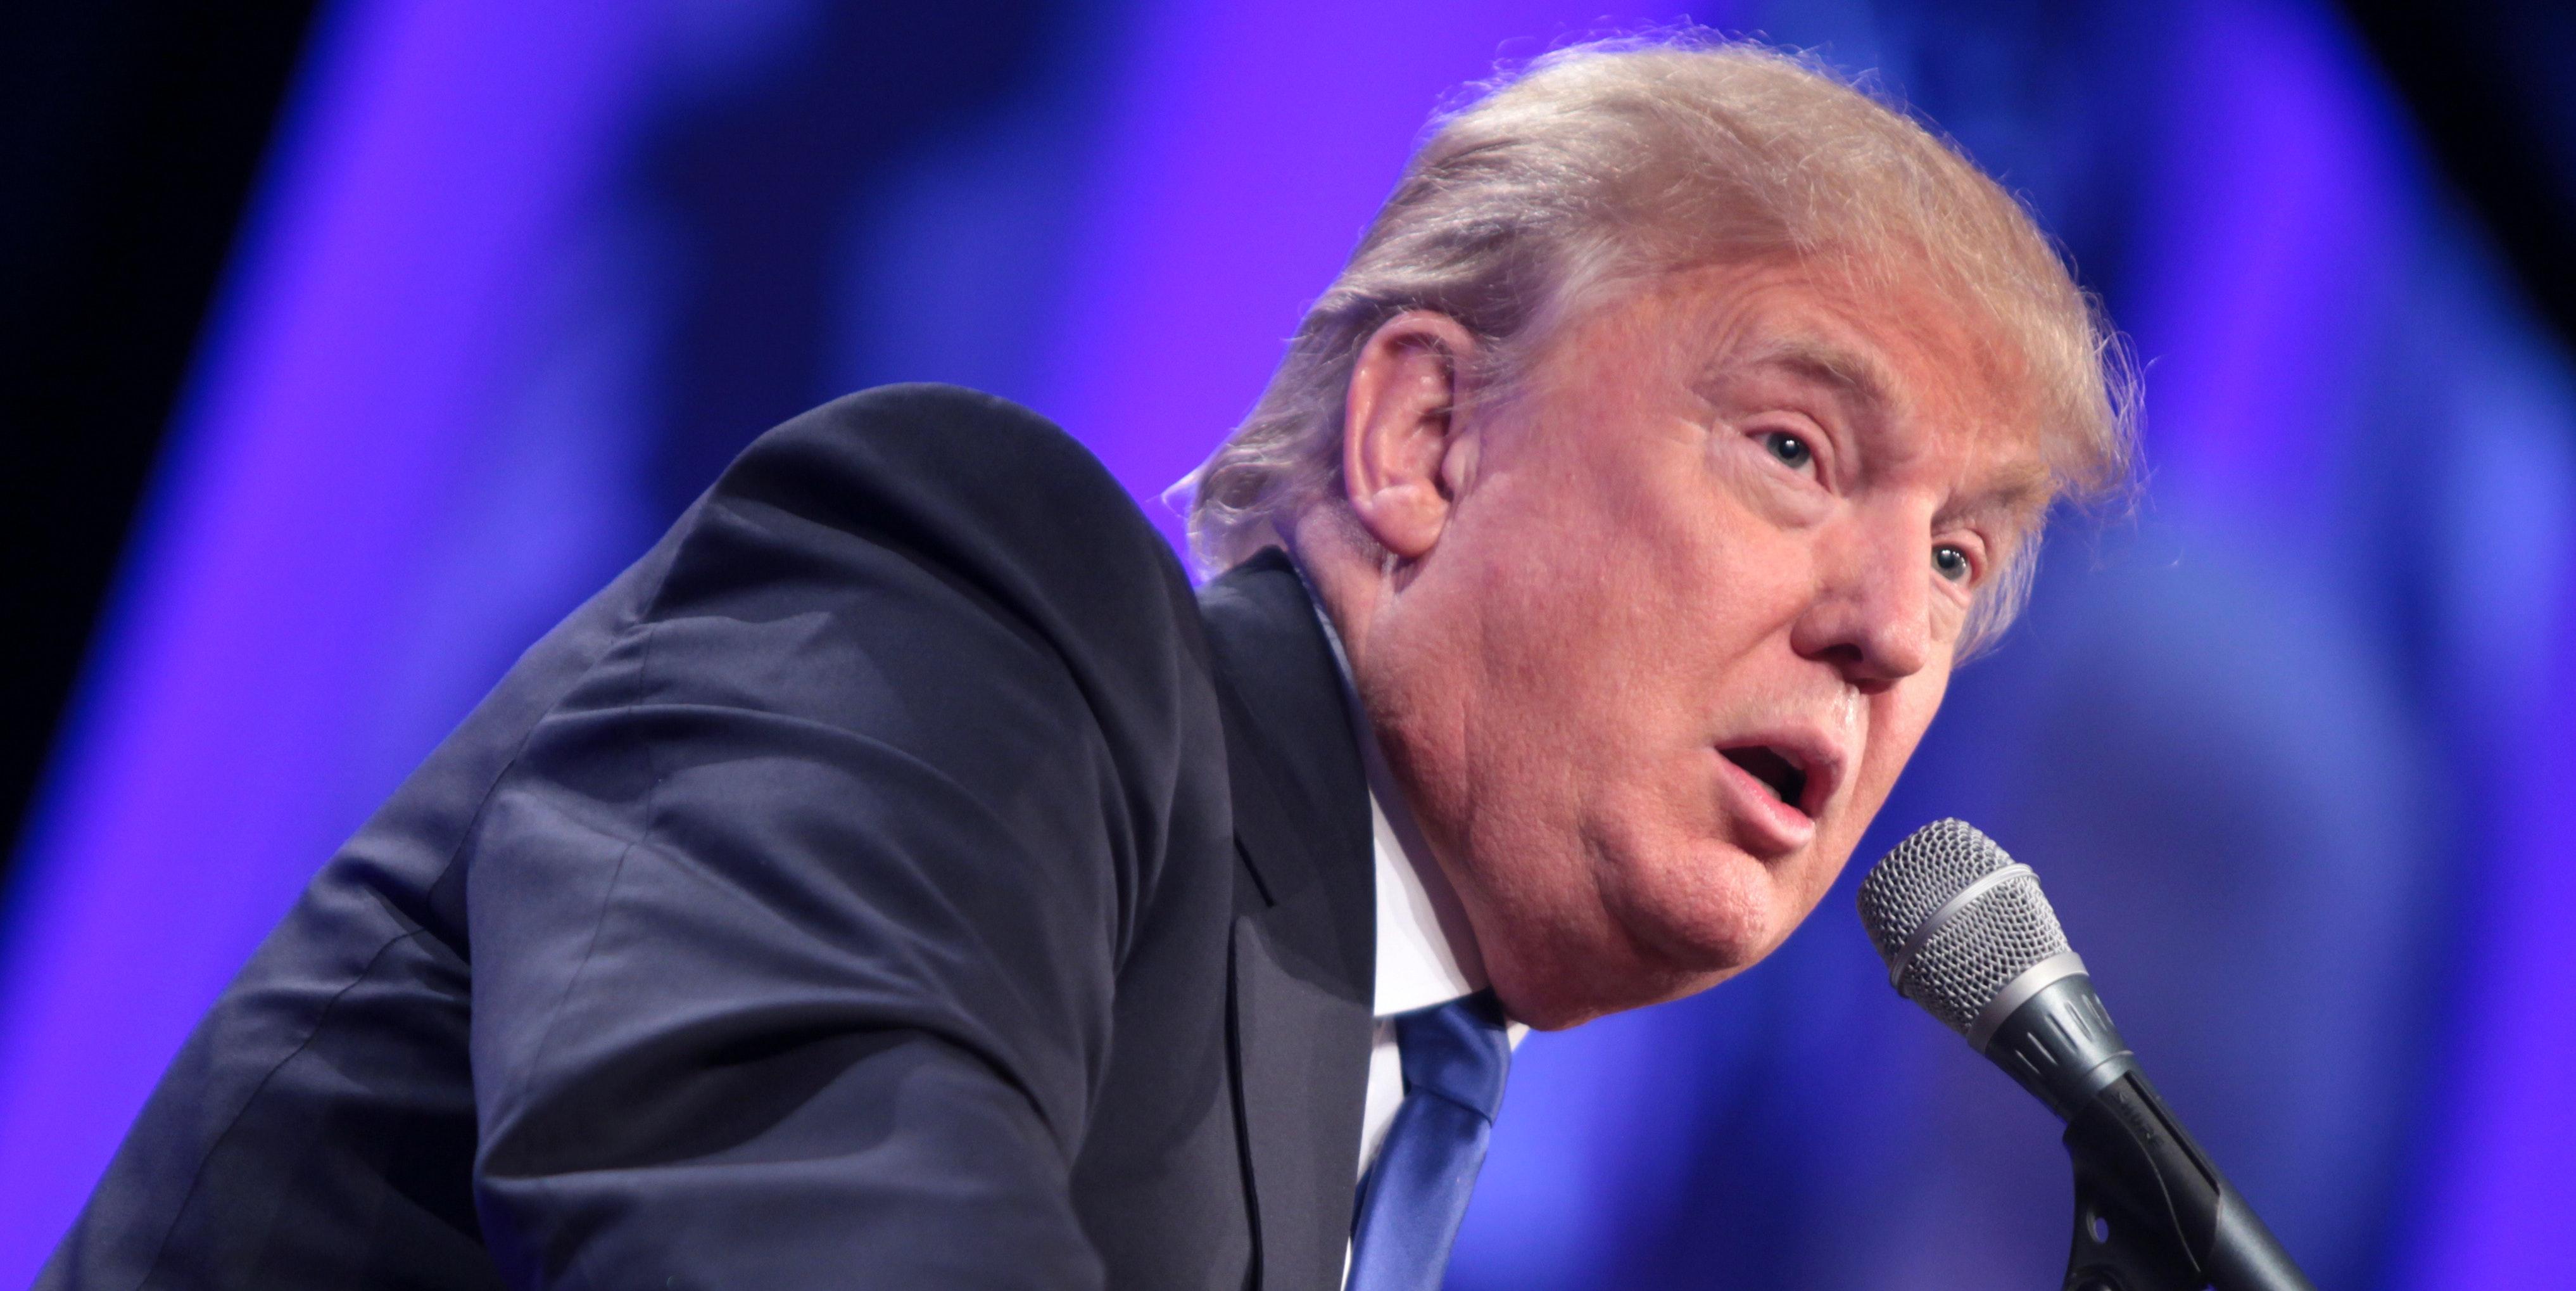 Robot analysis says Donald  Trump is sad.